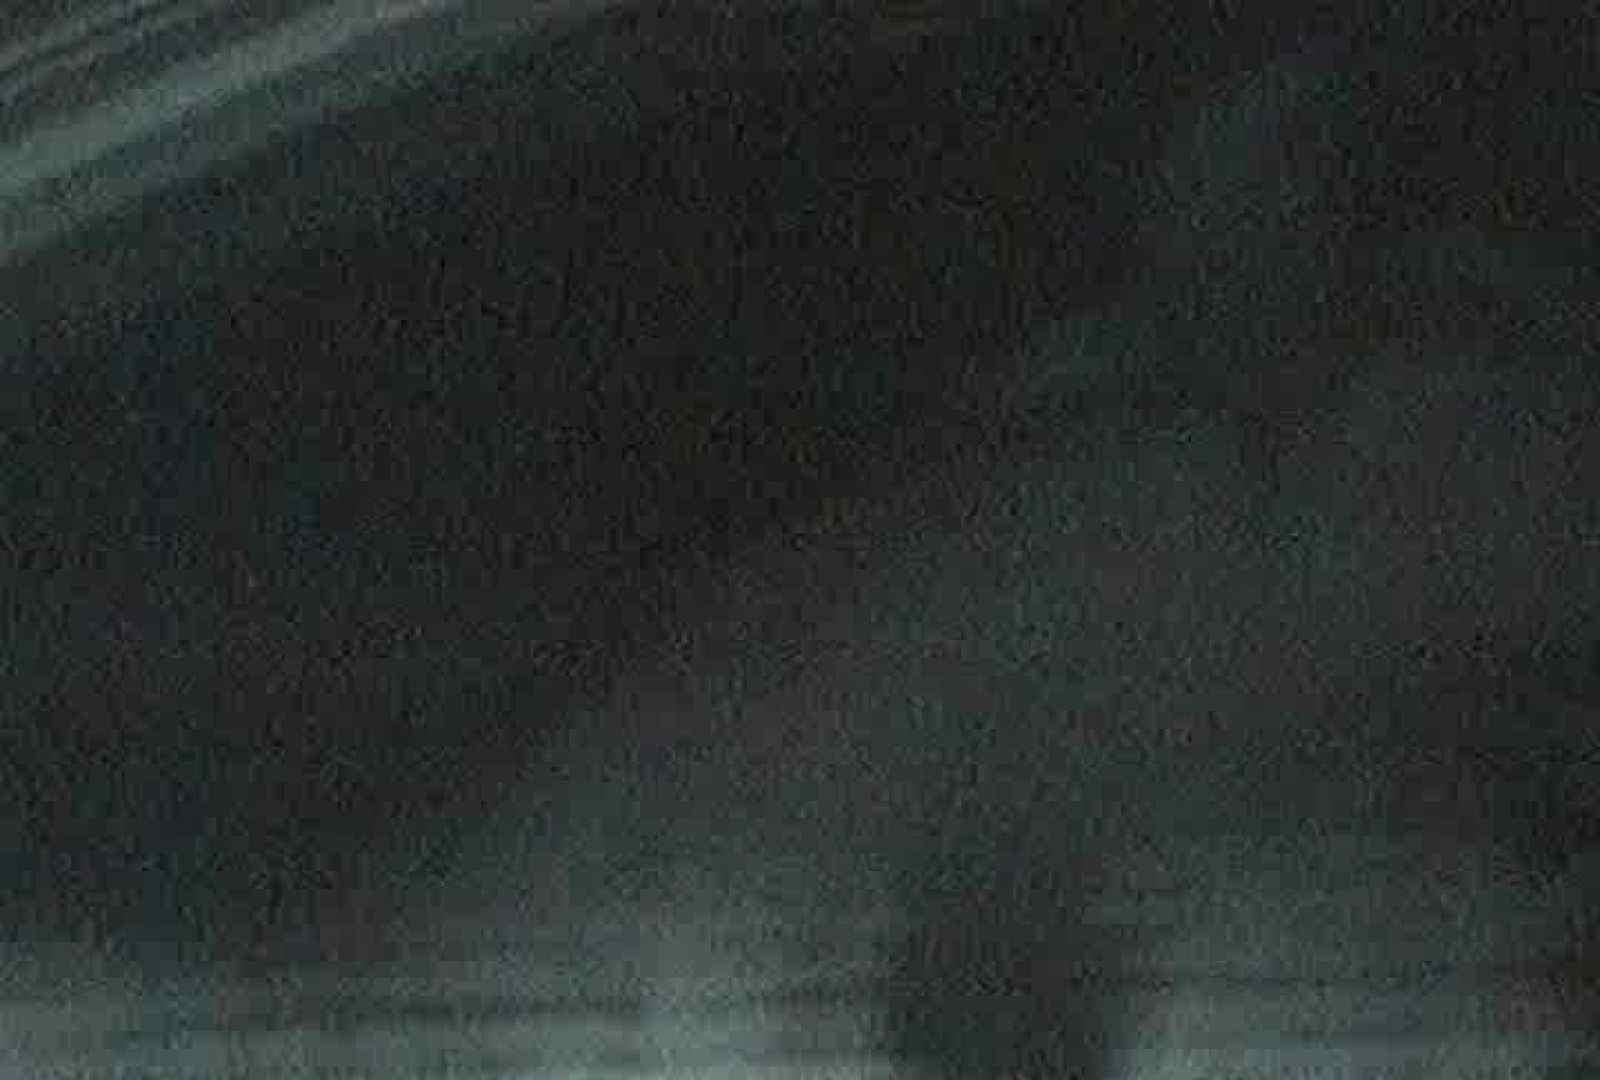 充血監督の深夜の運動会Vol.73 エロティックなOL  86画像 21